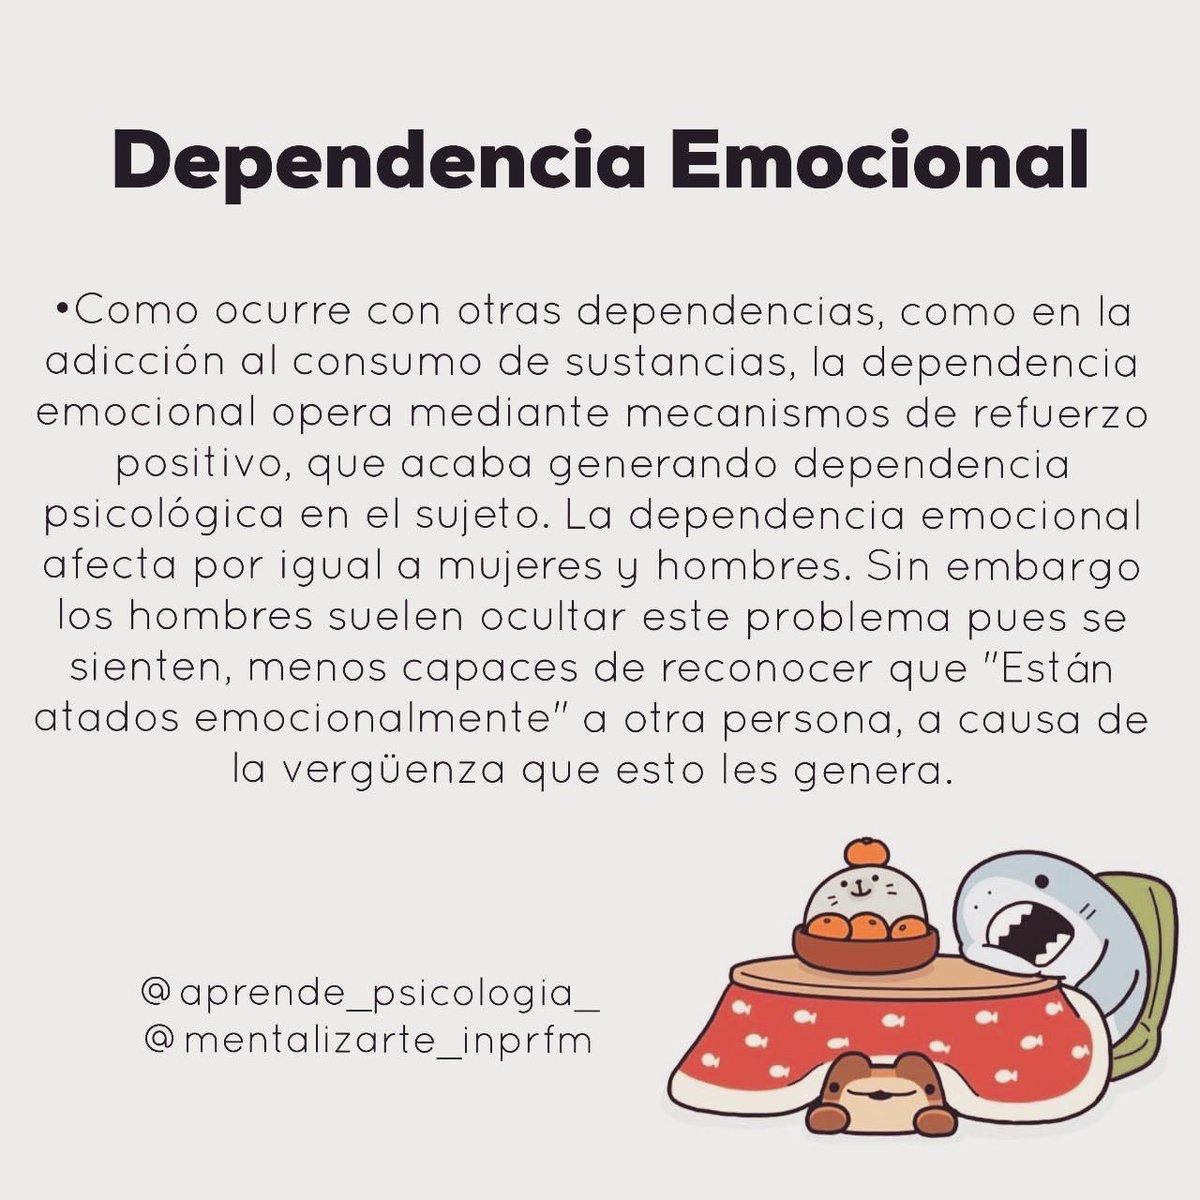 ¿Han escuchado de la dependencia emocional? ¡Conoce y pon en práctica los límites de tu independencia! 💃🏼#mentalizarte #mentalízate #dependenciaemocional #saludmental #hablemosdesaludmentalSíguenos en IG: Mentalizarte_INPRFM